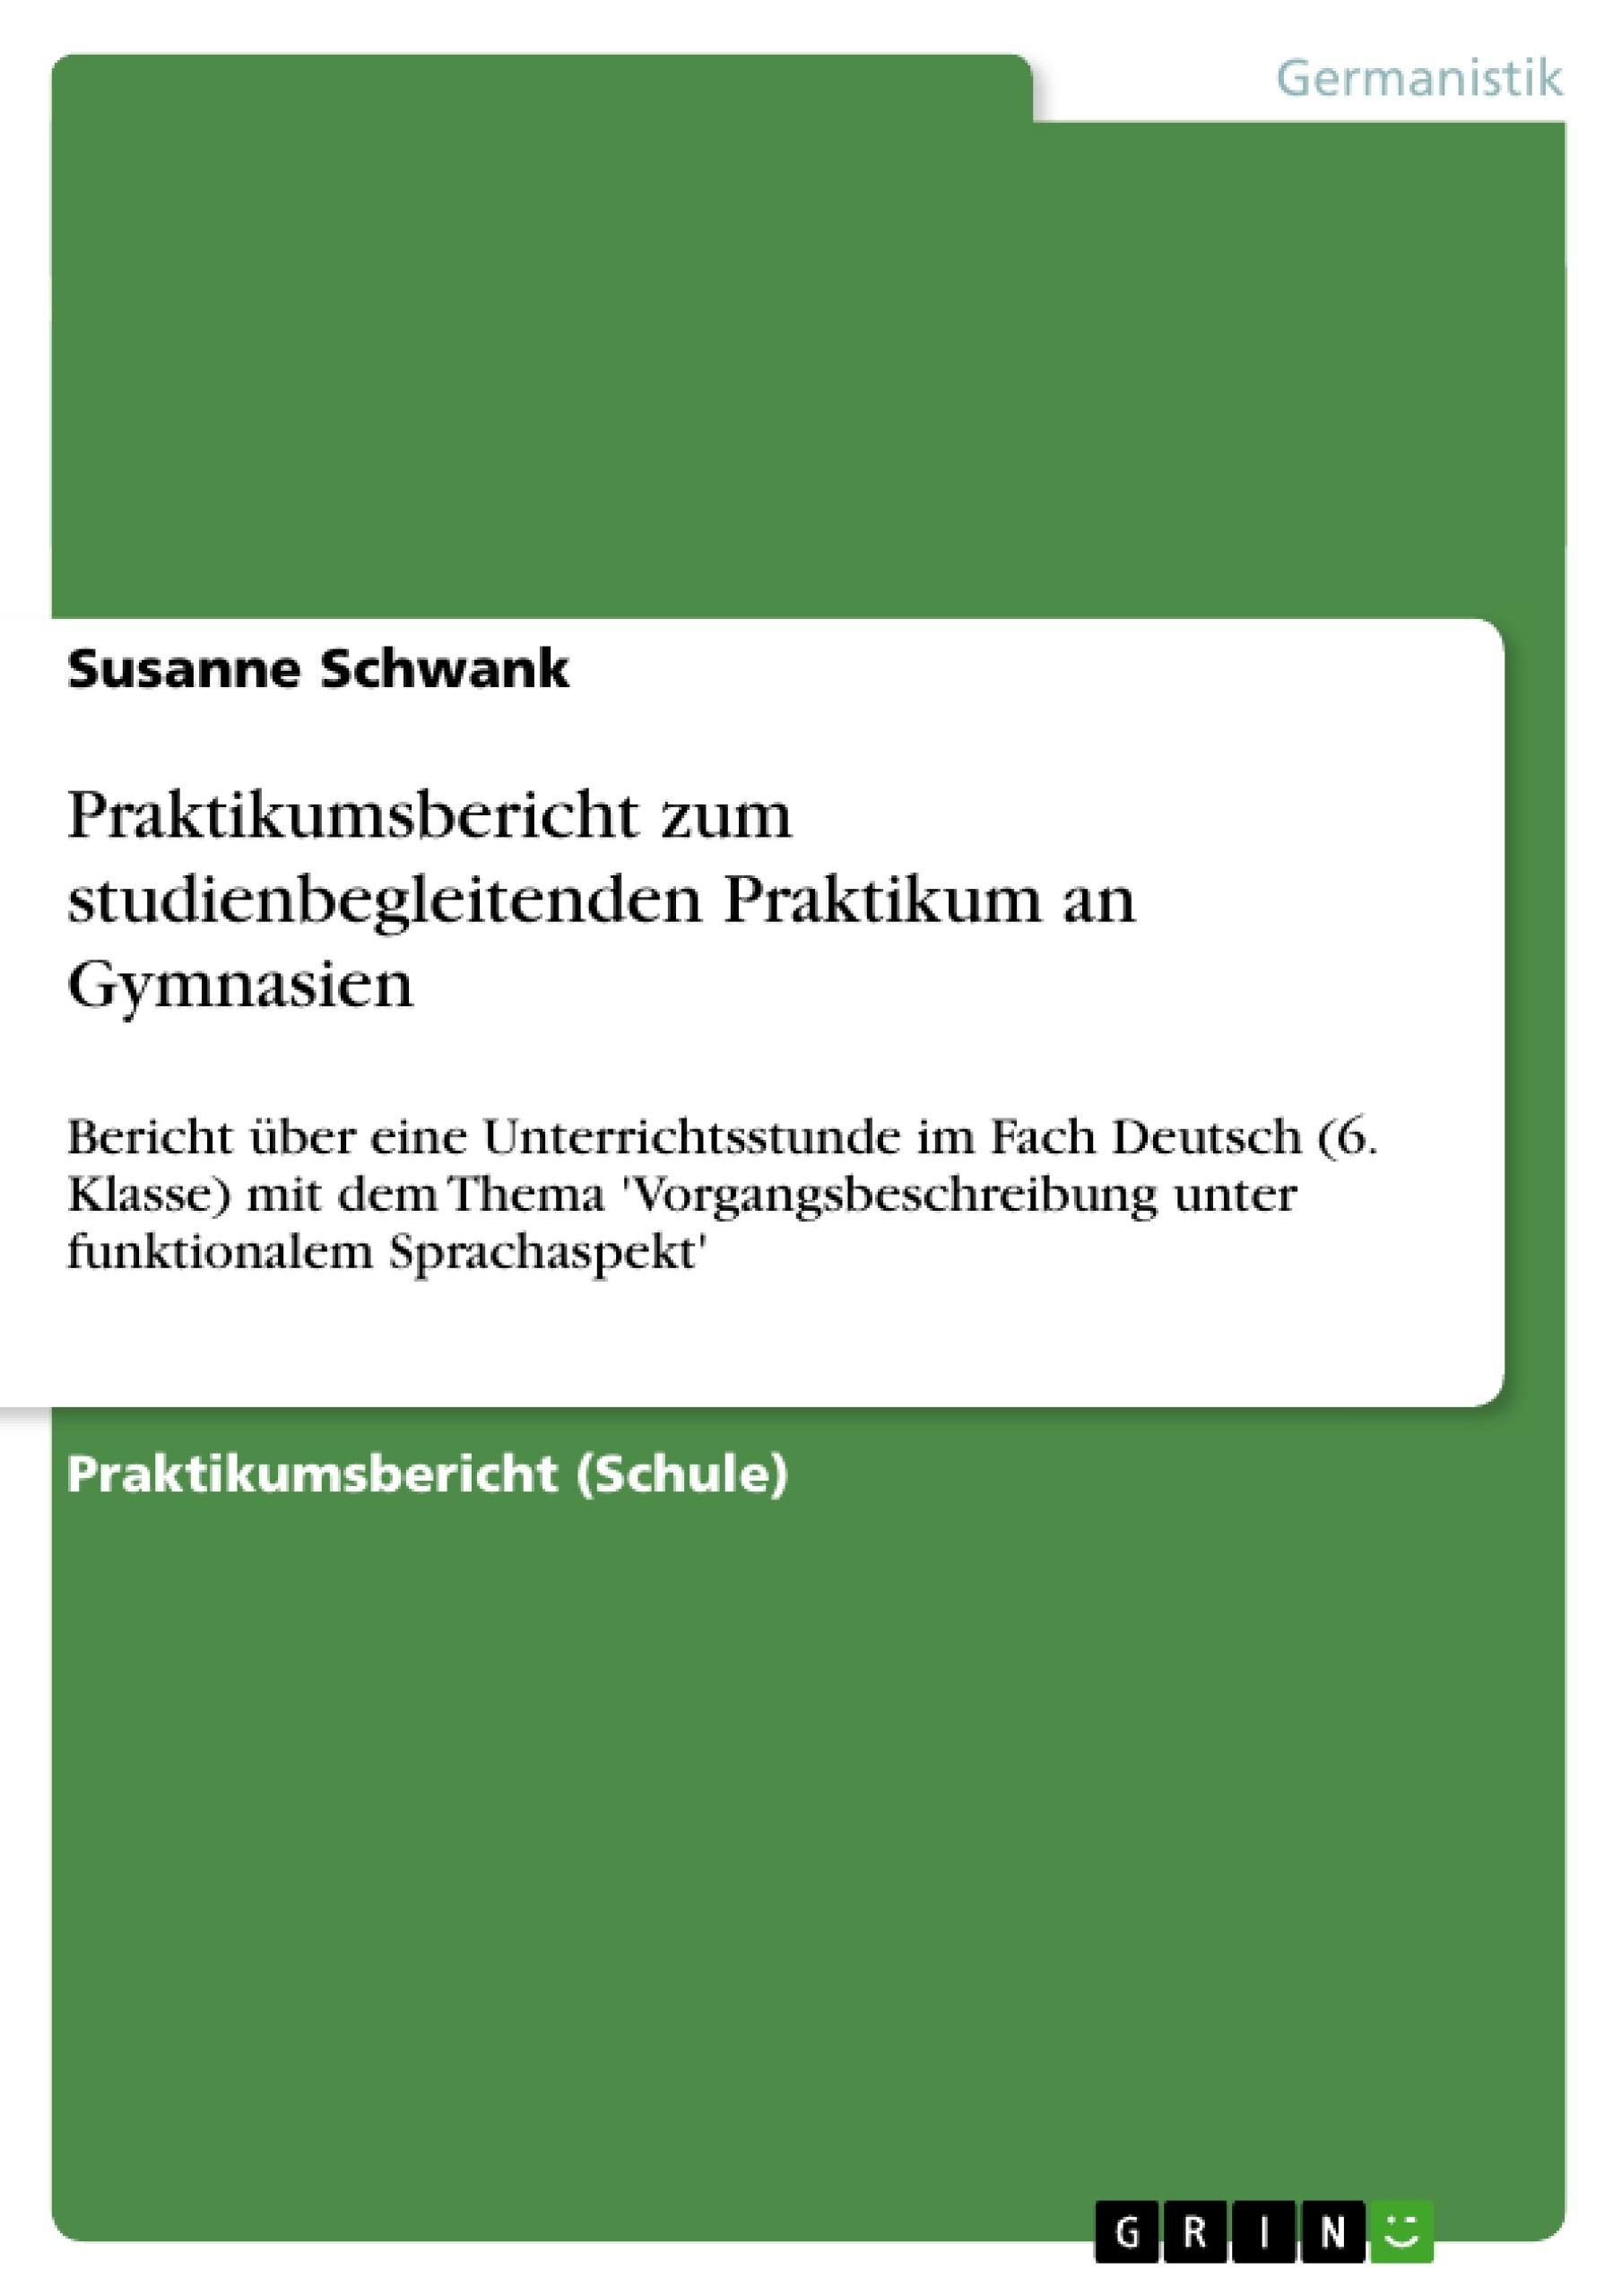 Titel: Praktikumsbericht zum studienbegleitenden Praktikum an Gymnasien